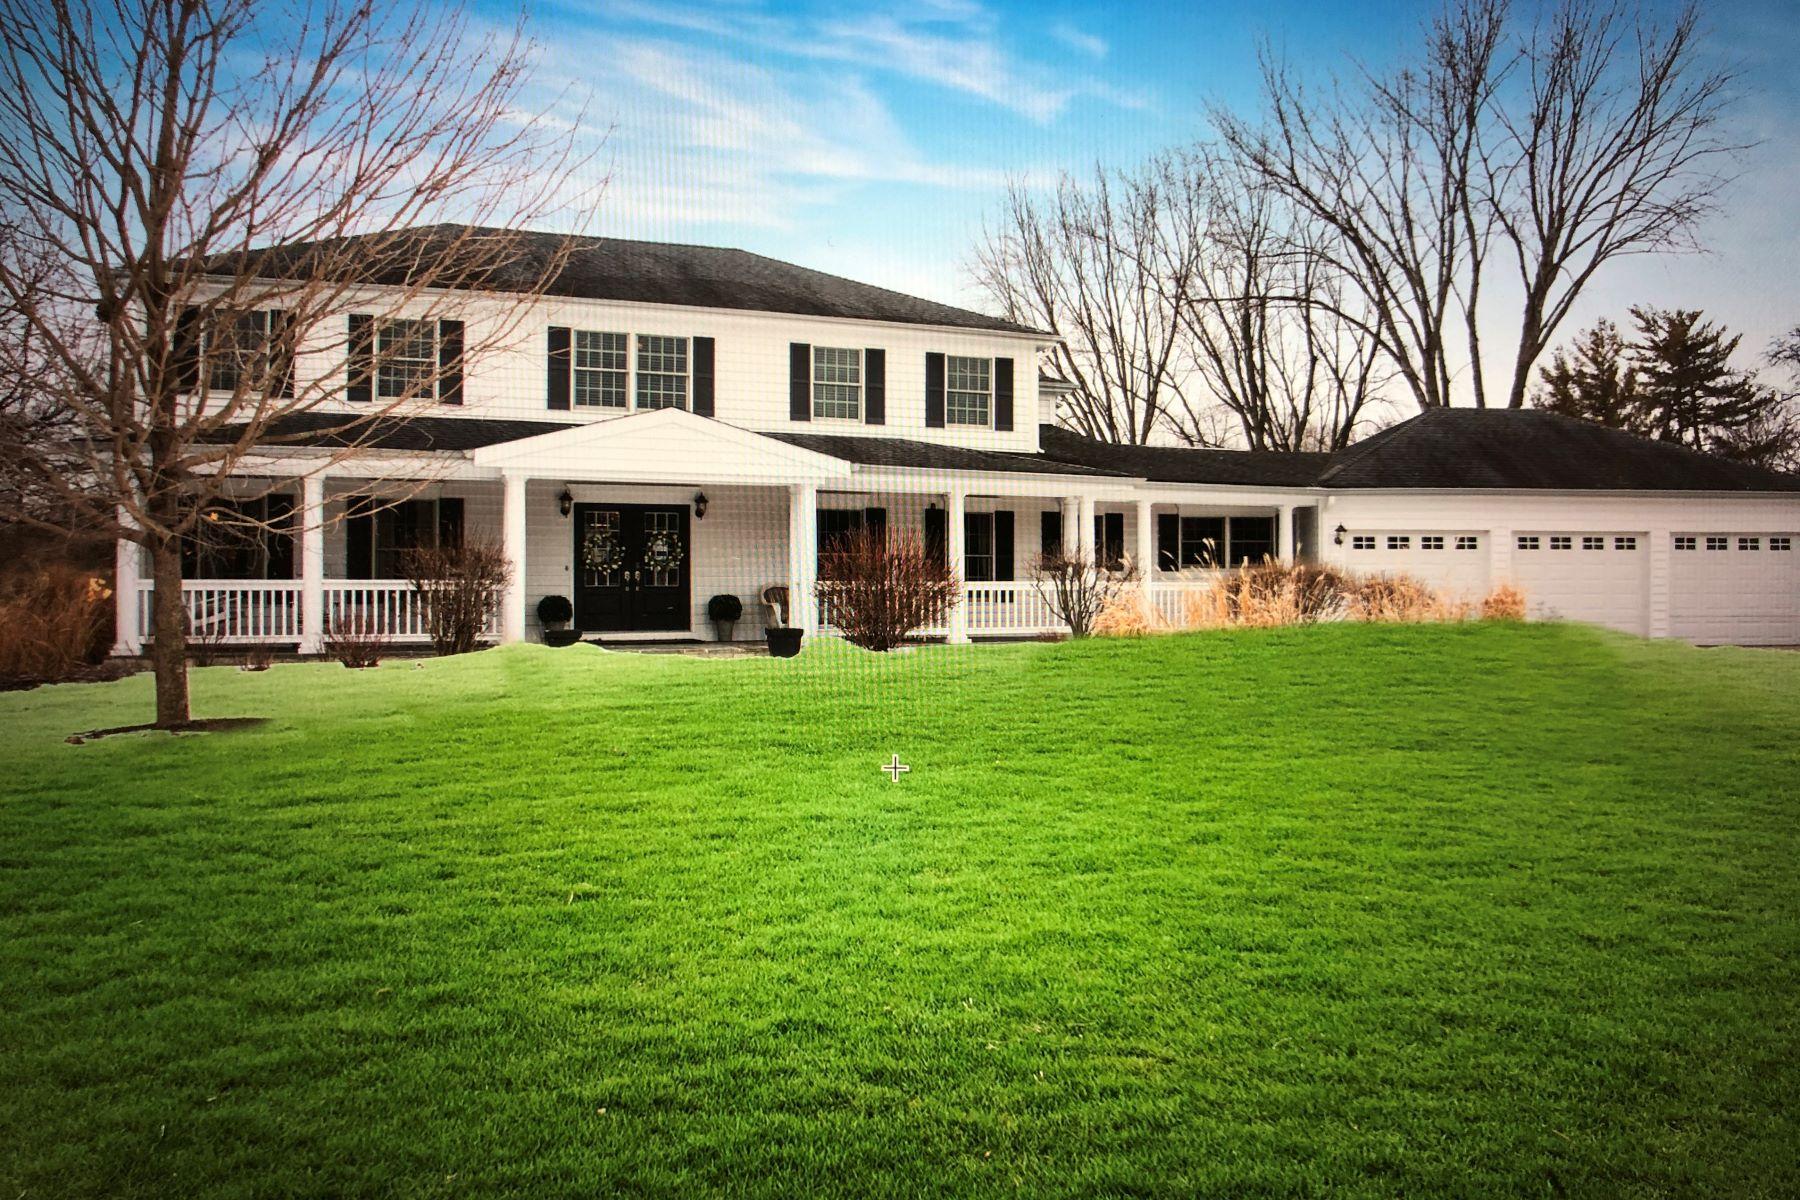 Single Family Home for Active at Best kept Secret in Lake Barrington 28307 W Schooner Lane Lake Barrington, Illinois 60010 United States